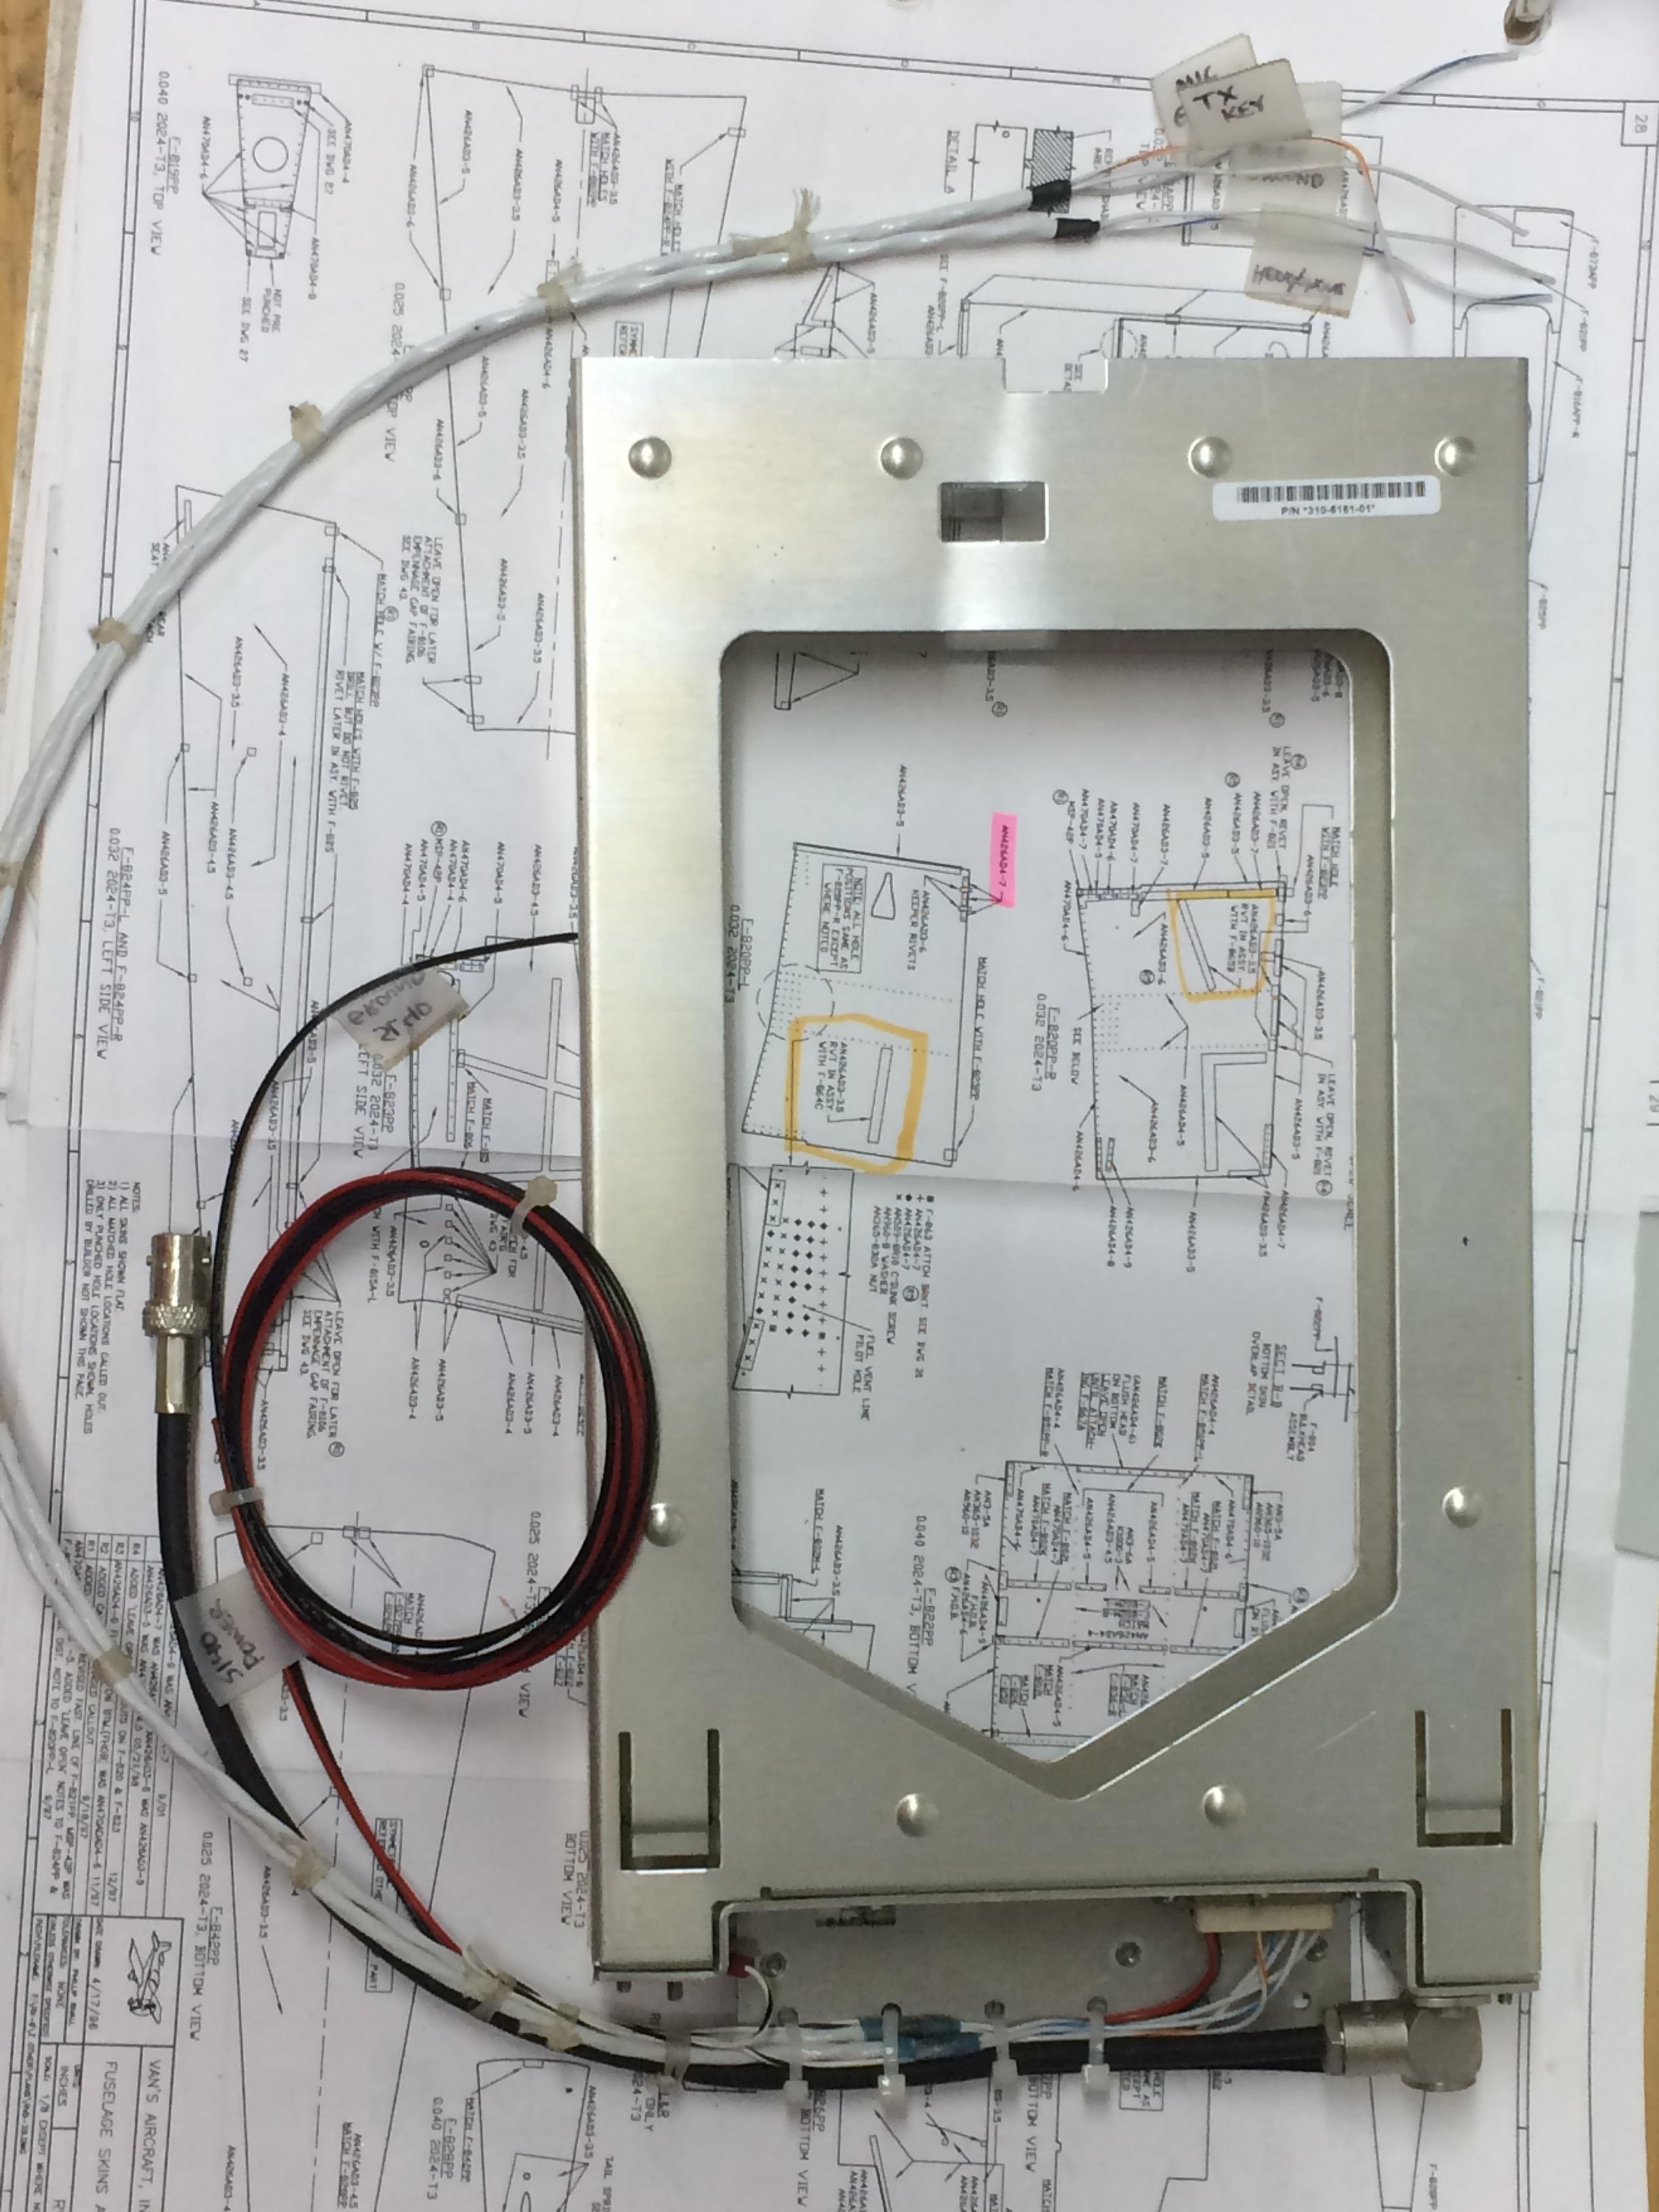 thermal dynamics cutmaster 42 manual